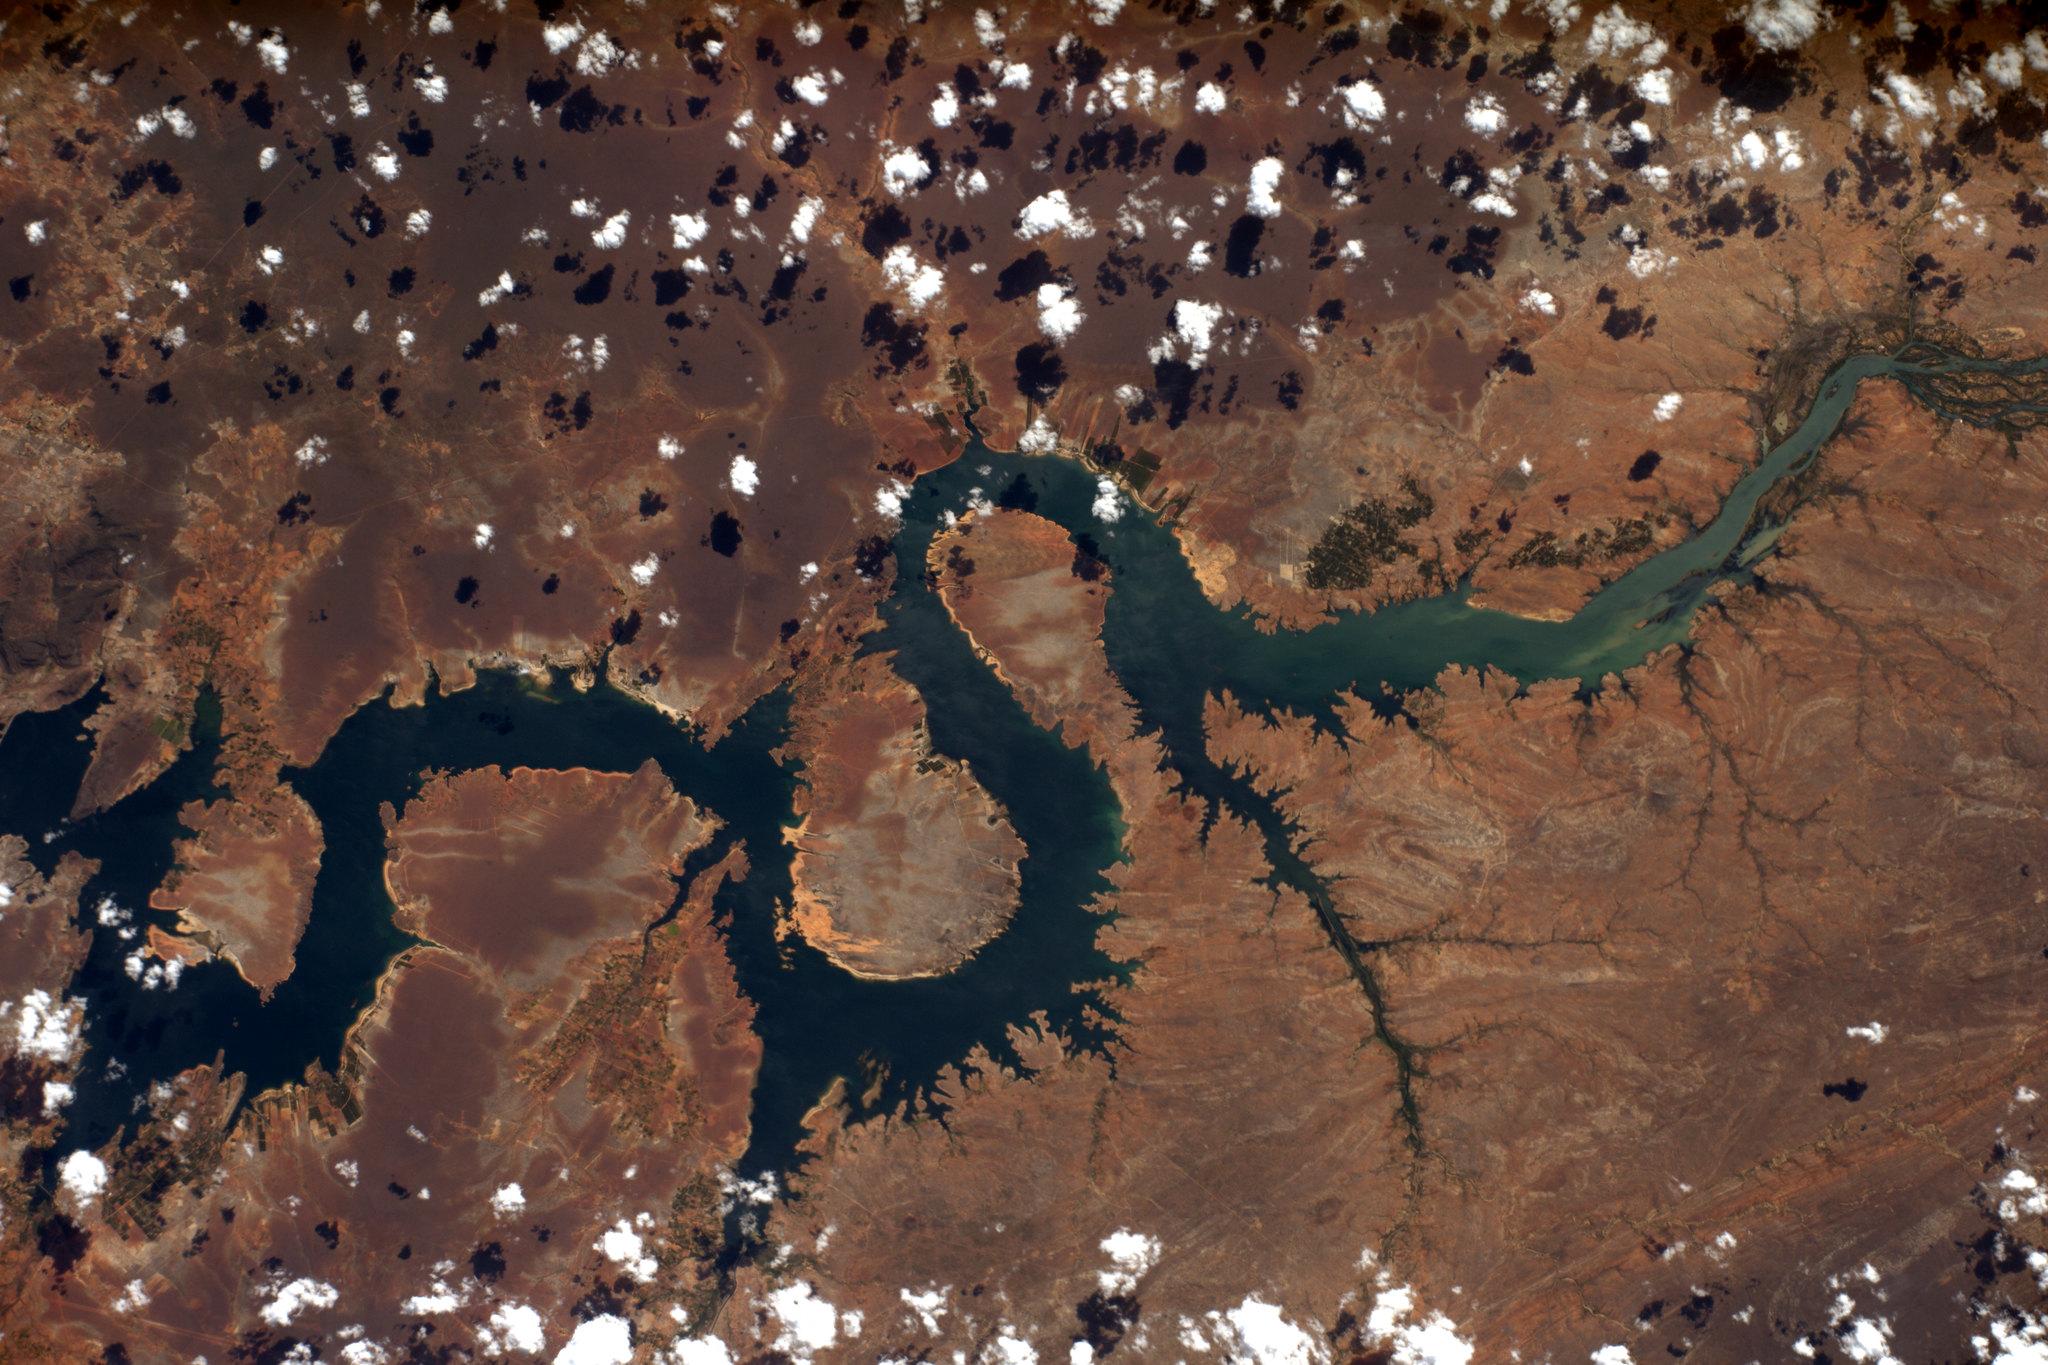 French Astronaut Thomas Pesquet - Dragon River